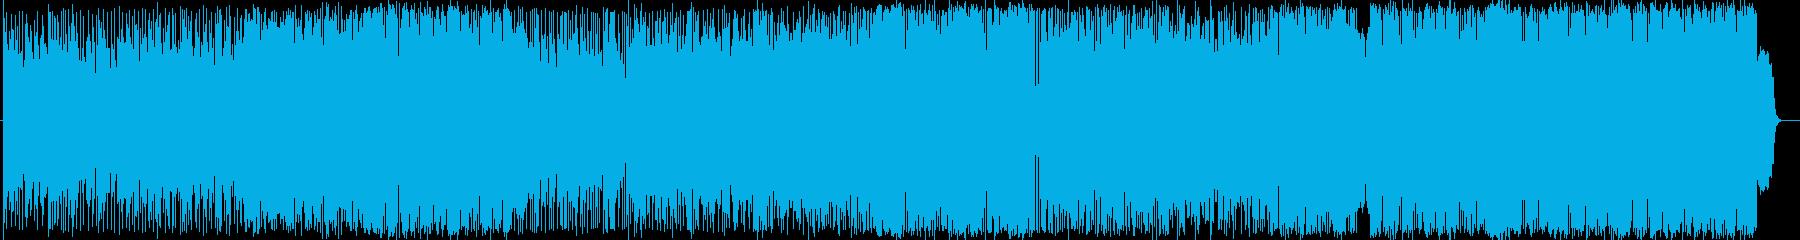 切ないロックバラード曲の再生済みの波形